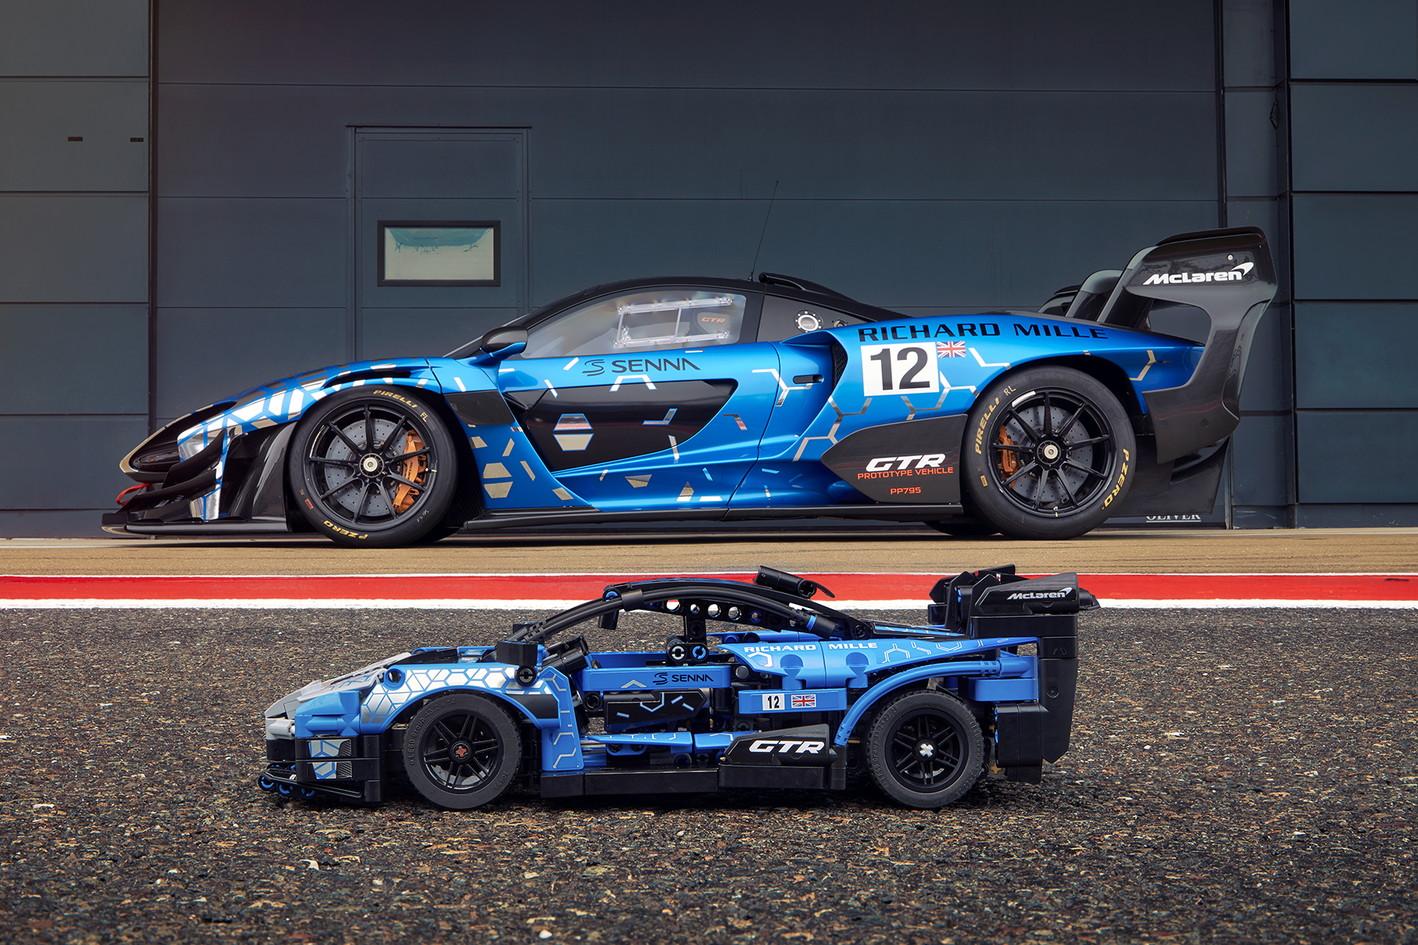 Ecco LEGO&reg;&nbsp;Technic&trade;&nbsp;McLaren Senna GTR, un&rsquo;auto straordinaria proprio come l&rsquo;originale, un&rsquo;icona pronta a regalare emozioni uniche agli amanti delle sportcar e dei mattoncini in cerca di nuove sfide di costruzione. La potenza e la raffinatezza senza pari della McLaren, unite all&#39;accuratezza del design del Gruppo LEGO, danno vita alla replica di questa iconica supercar da pista. Il veicolo composto da 830 pezzi non scende a compromessi quando si tratta di ingegneria e stile. E&#39; la prima supercar McLaren ricreata con elementi LEGO Technic progettata per offrire un&#39;esperienza di costruzione emozionante e coinvolgente dai 10 anni in su.<br /><br />  La McLaren Senna GTR &egrave; un&#39;auto completamente diversa dalle altre. Una replica grandiosa, ricca di dettagli autentici che la rendono altrettanto eccezionale. Il modello lungo 32 cm vanta un motore V8 con pistoni in movimento, bellissime curve aerodinamiche, portiere a diedro apribili e una verniciatura blu inconfondibile. Un&rsquo;auto pronta a sorprendervi e a farvi battere il cuore a ogni giro di pista e ogni volta che la ammirerete.<br /><br />